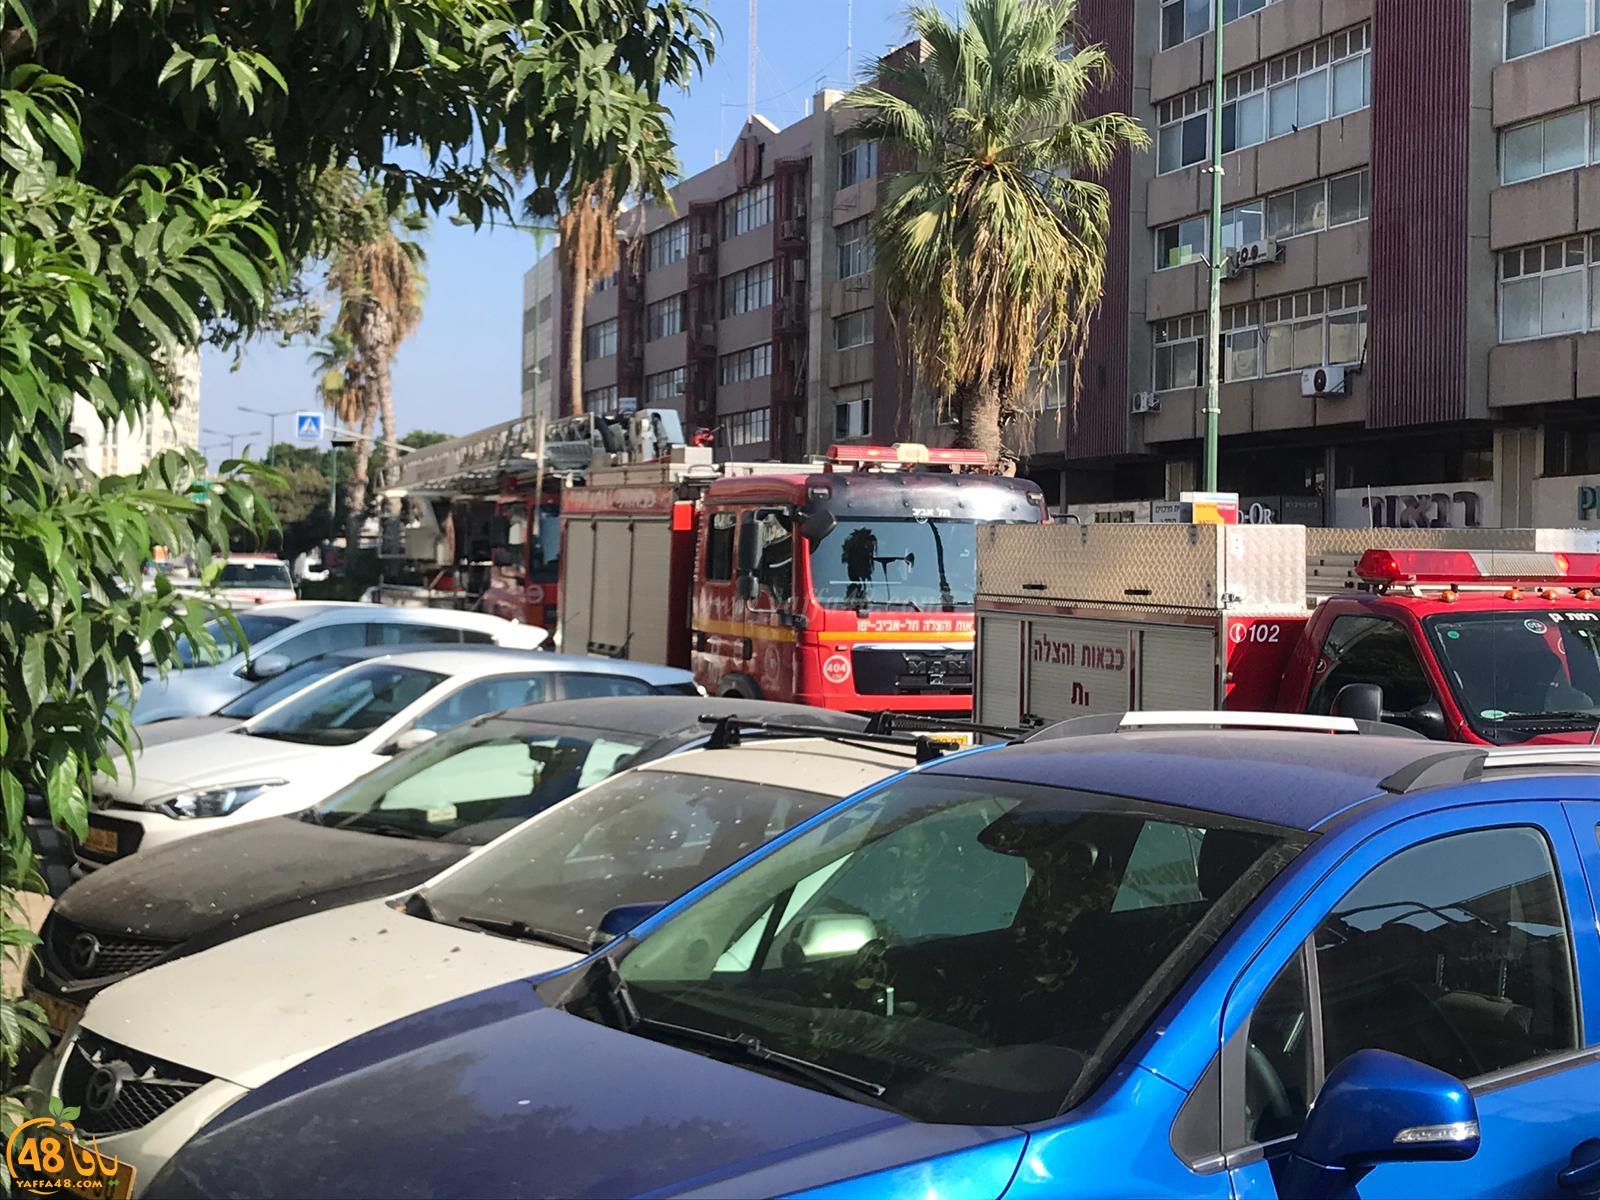 بالفيديو: حريق داخل متجر لبيع الهدايا في مدينة يافا دون اصابات